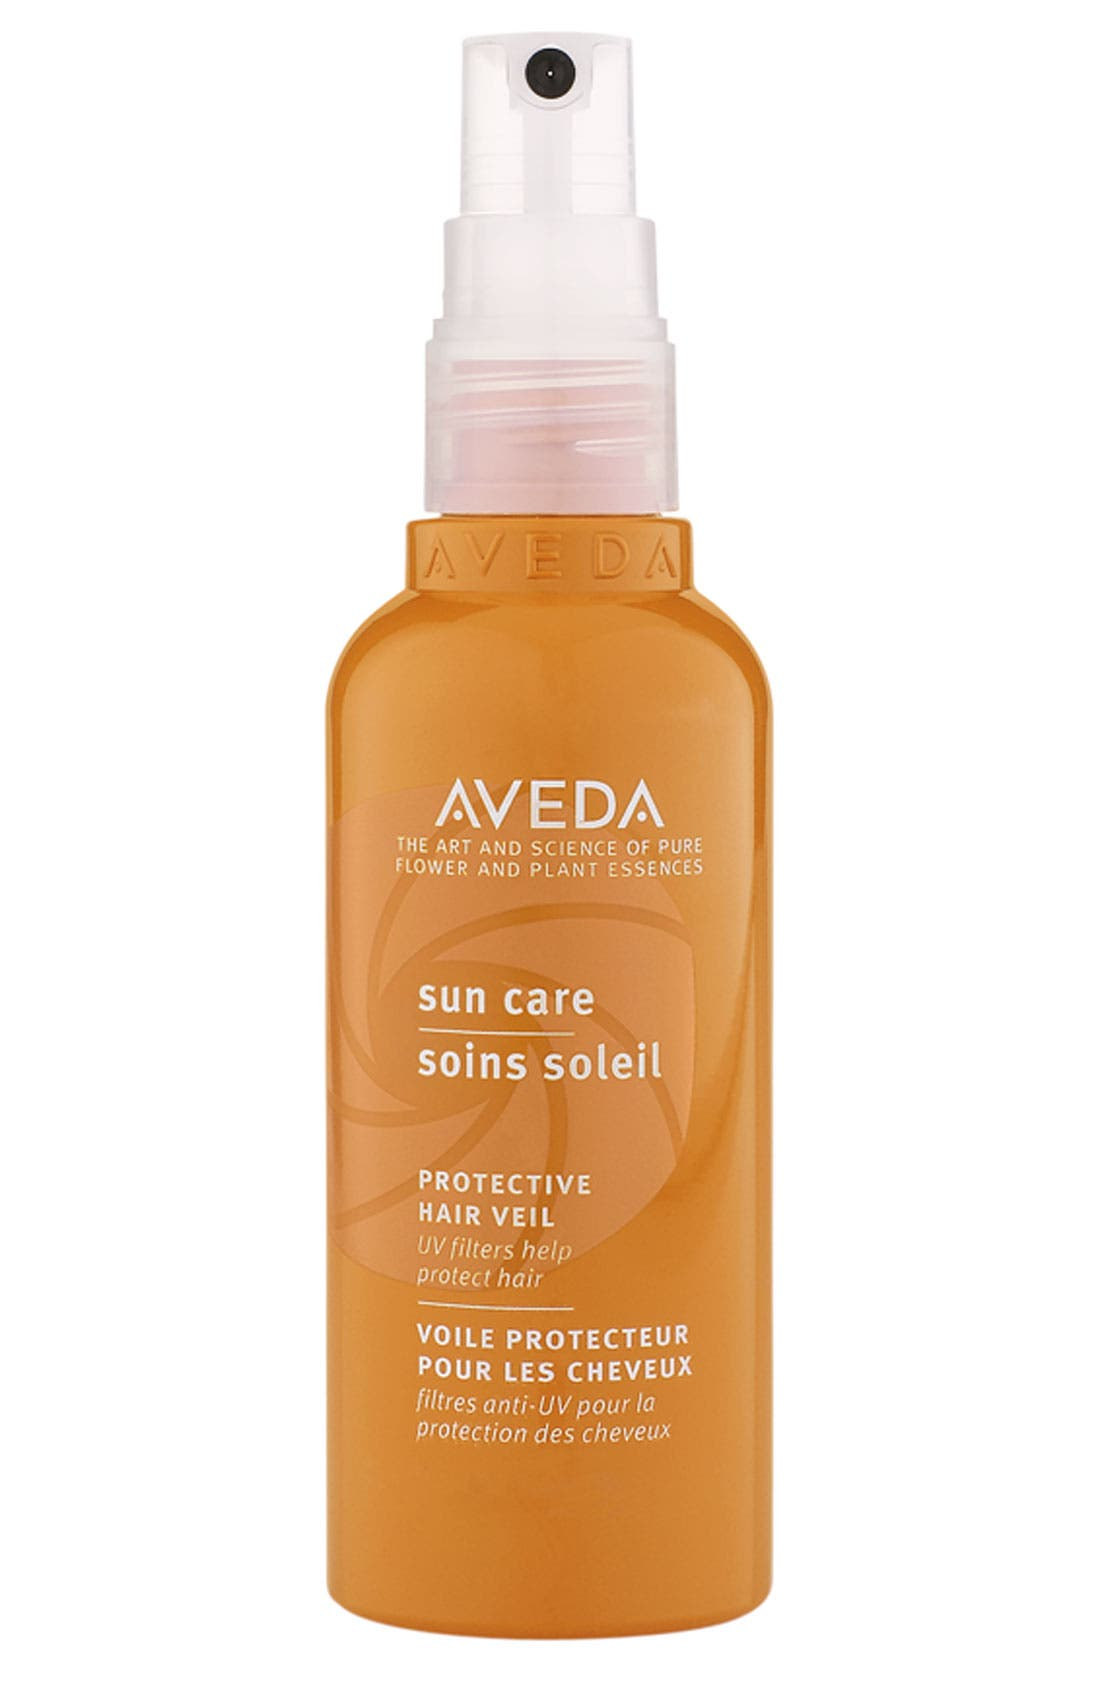 Aveda 'Sun Care' Protective Hair Veil